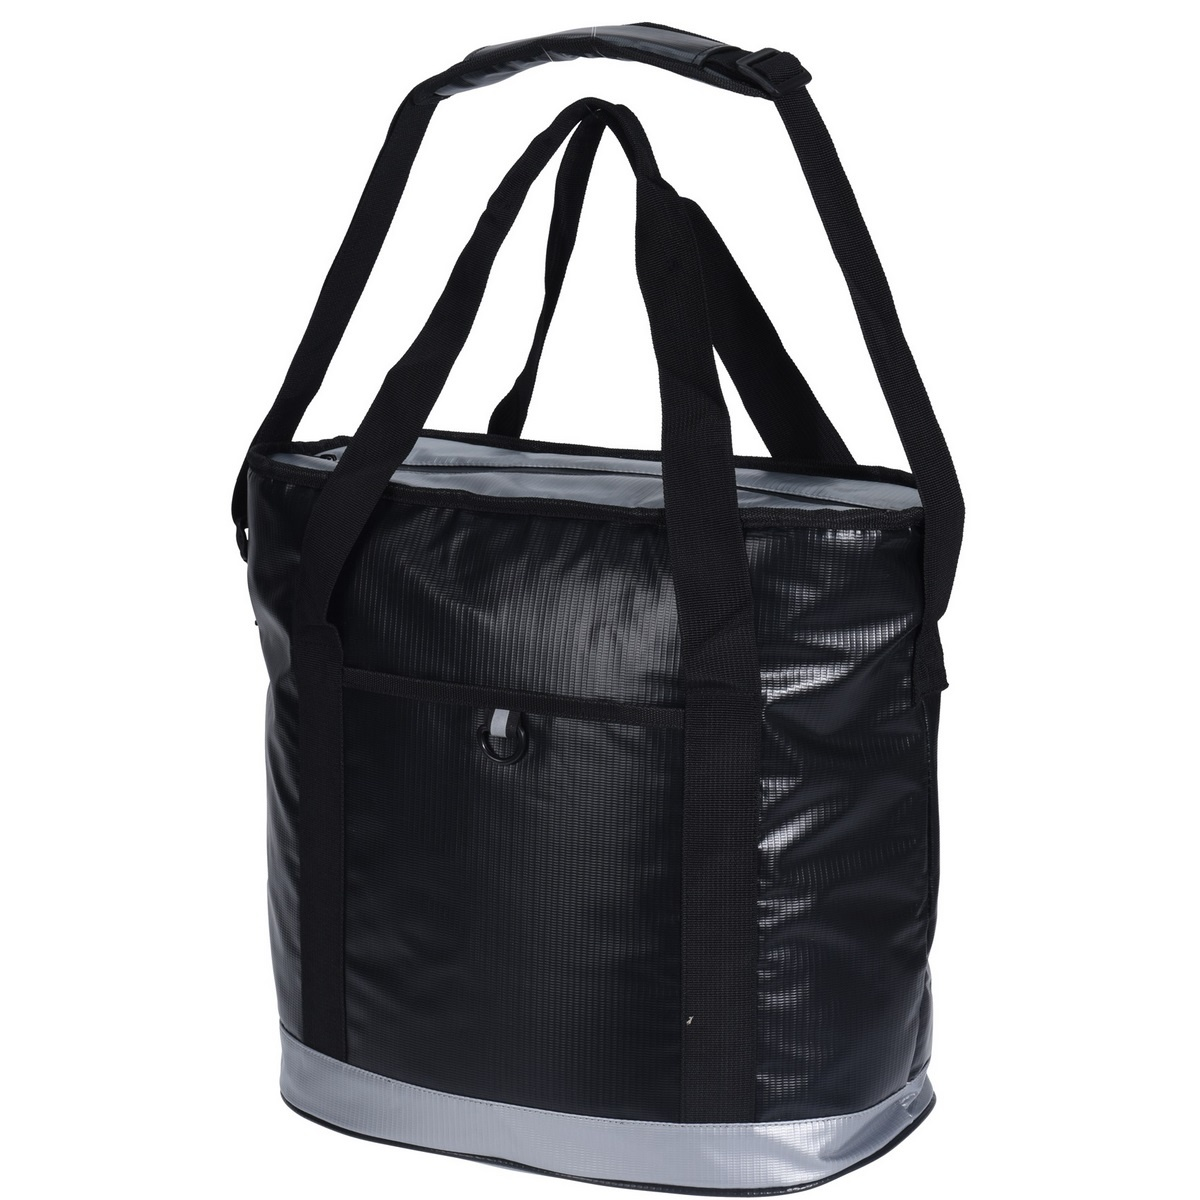 57277056d4 Chladiaca taška veľká dekor 09020